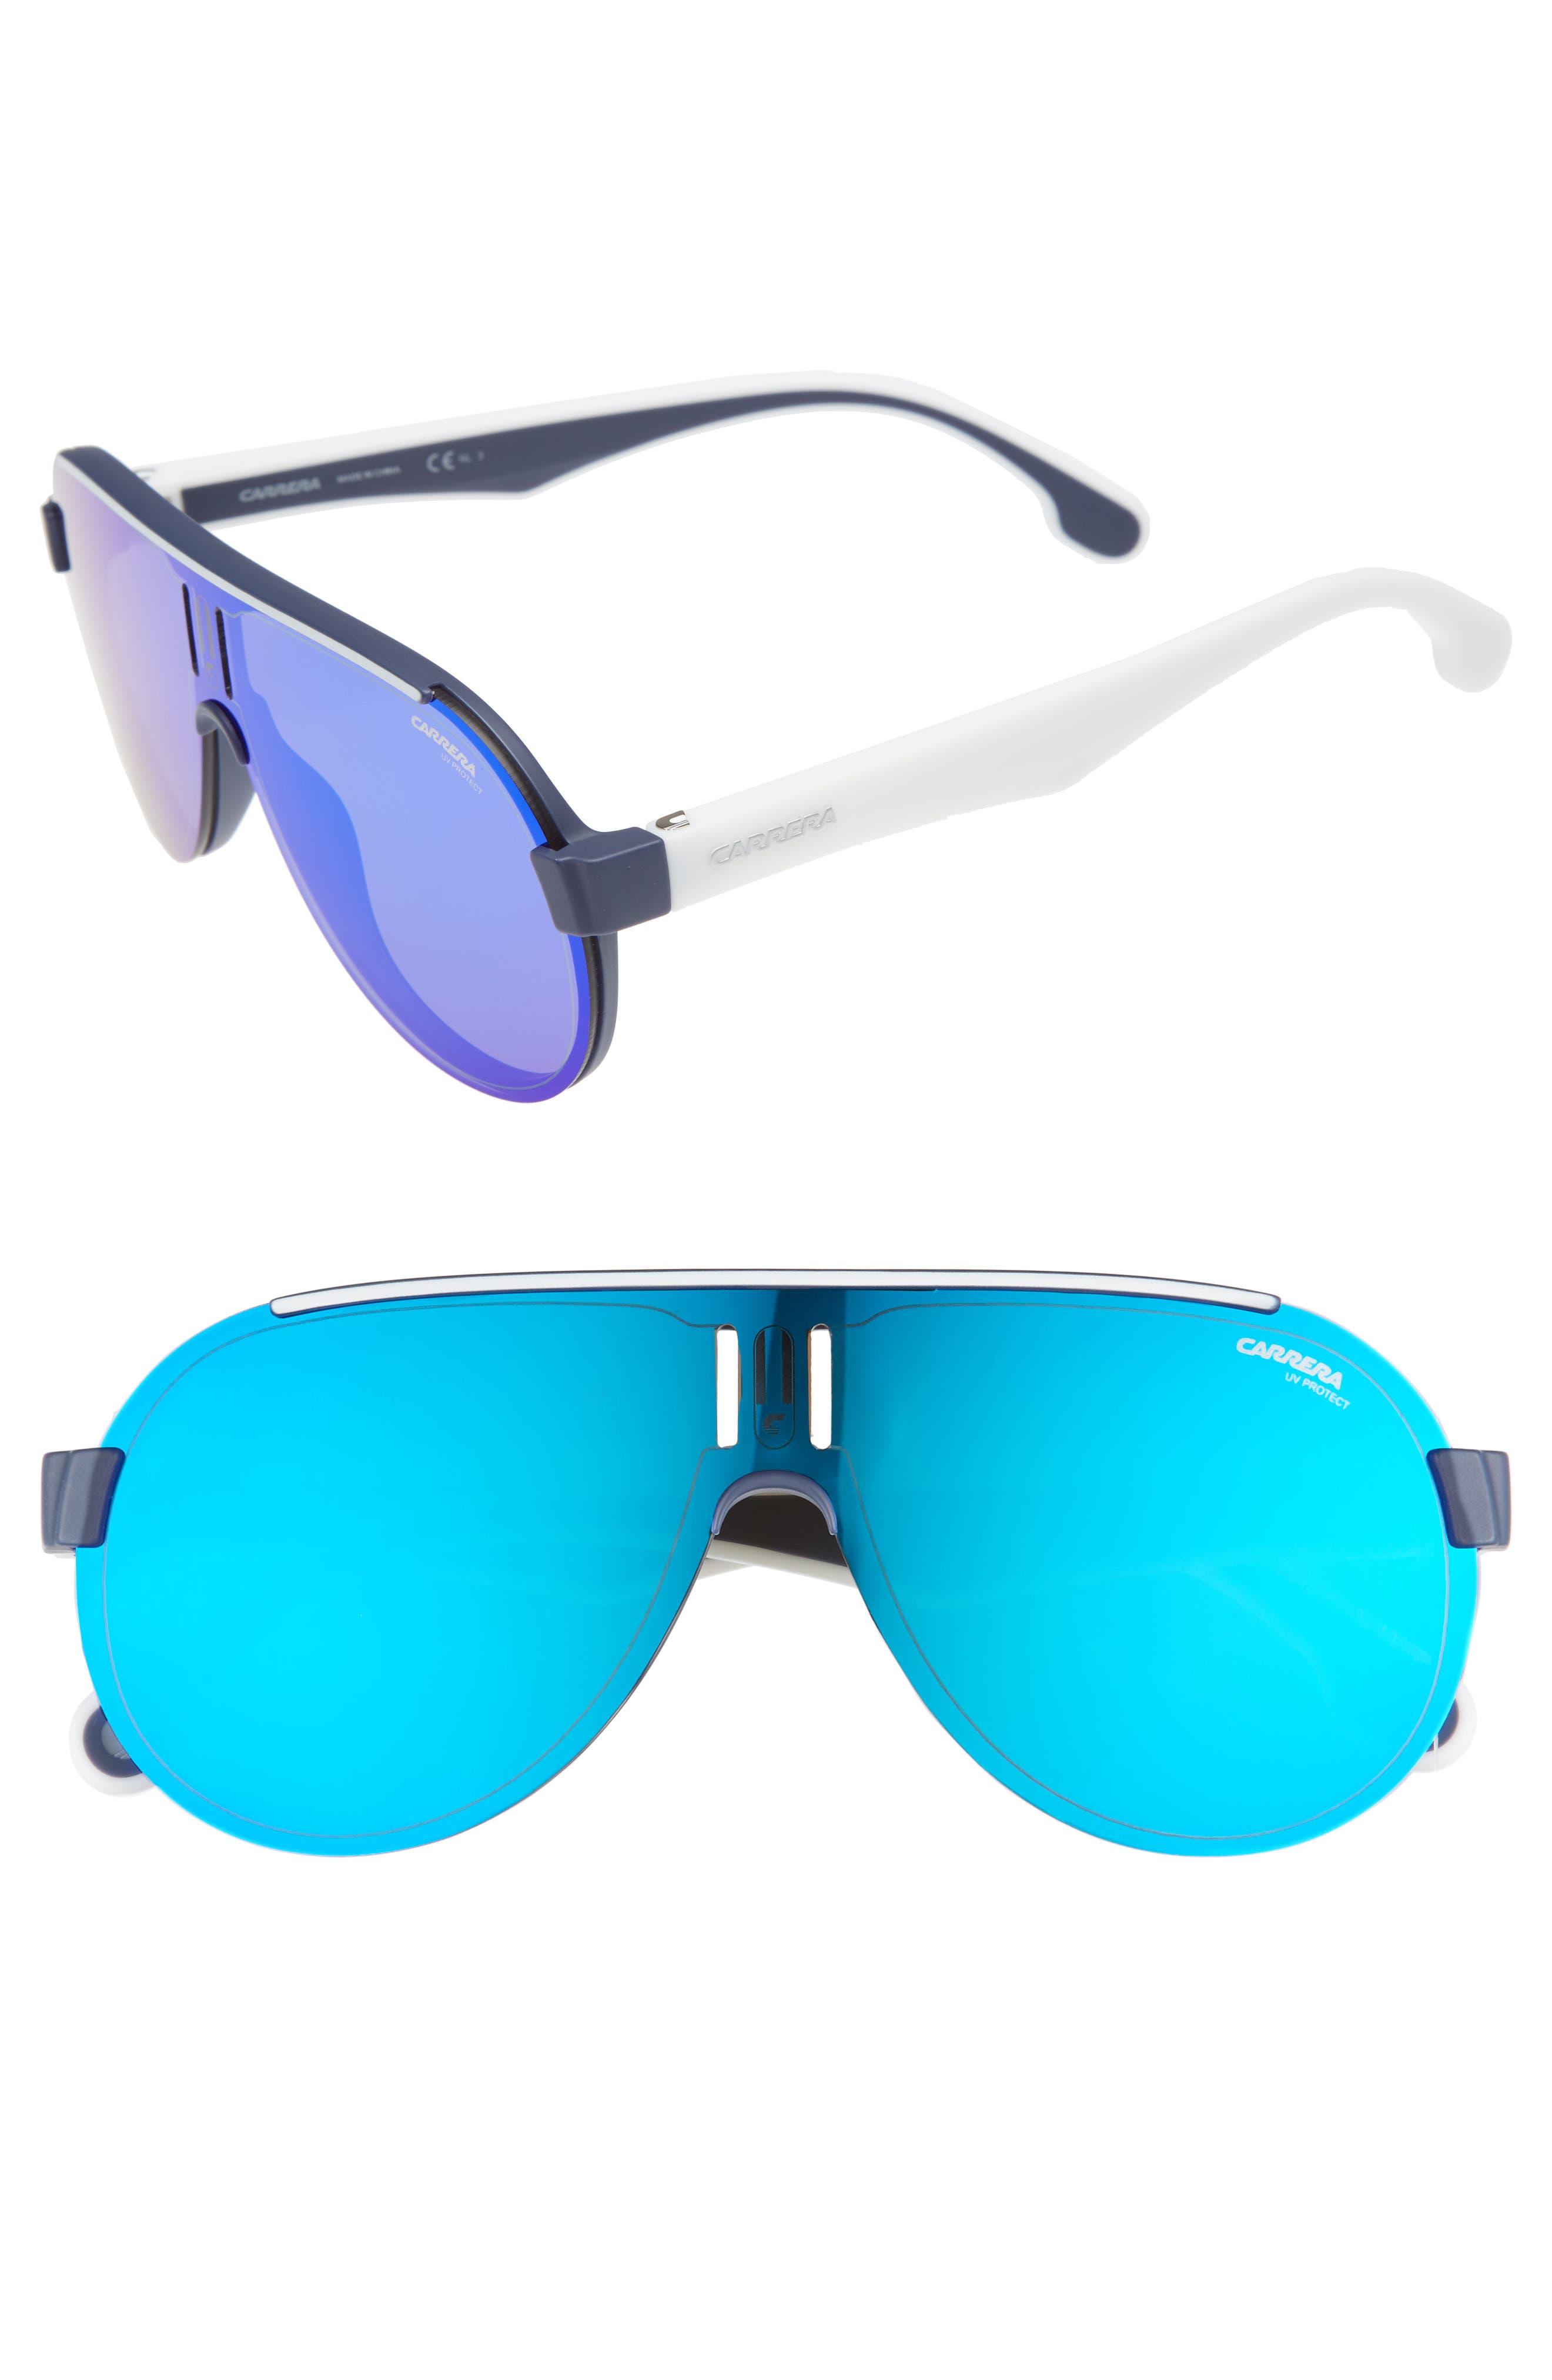 99mm Shield Sunglasses,                             Main thumbnail 1, color,                             Matte Blue/ Blue